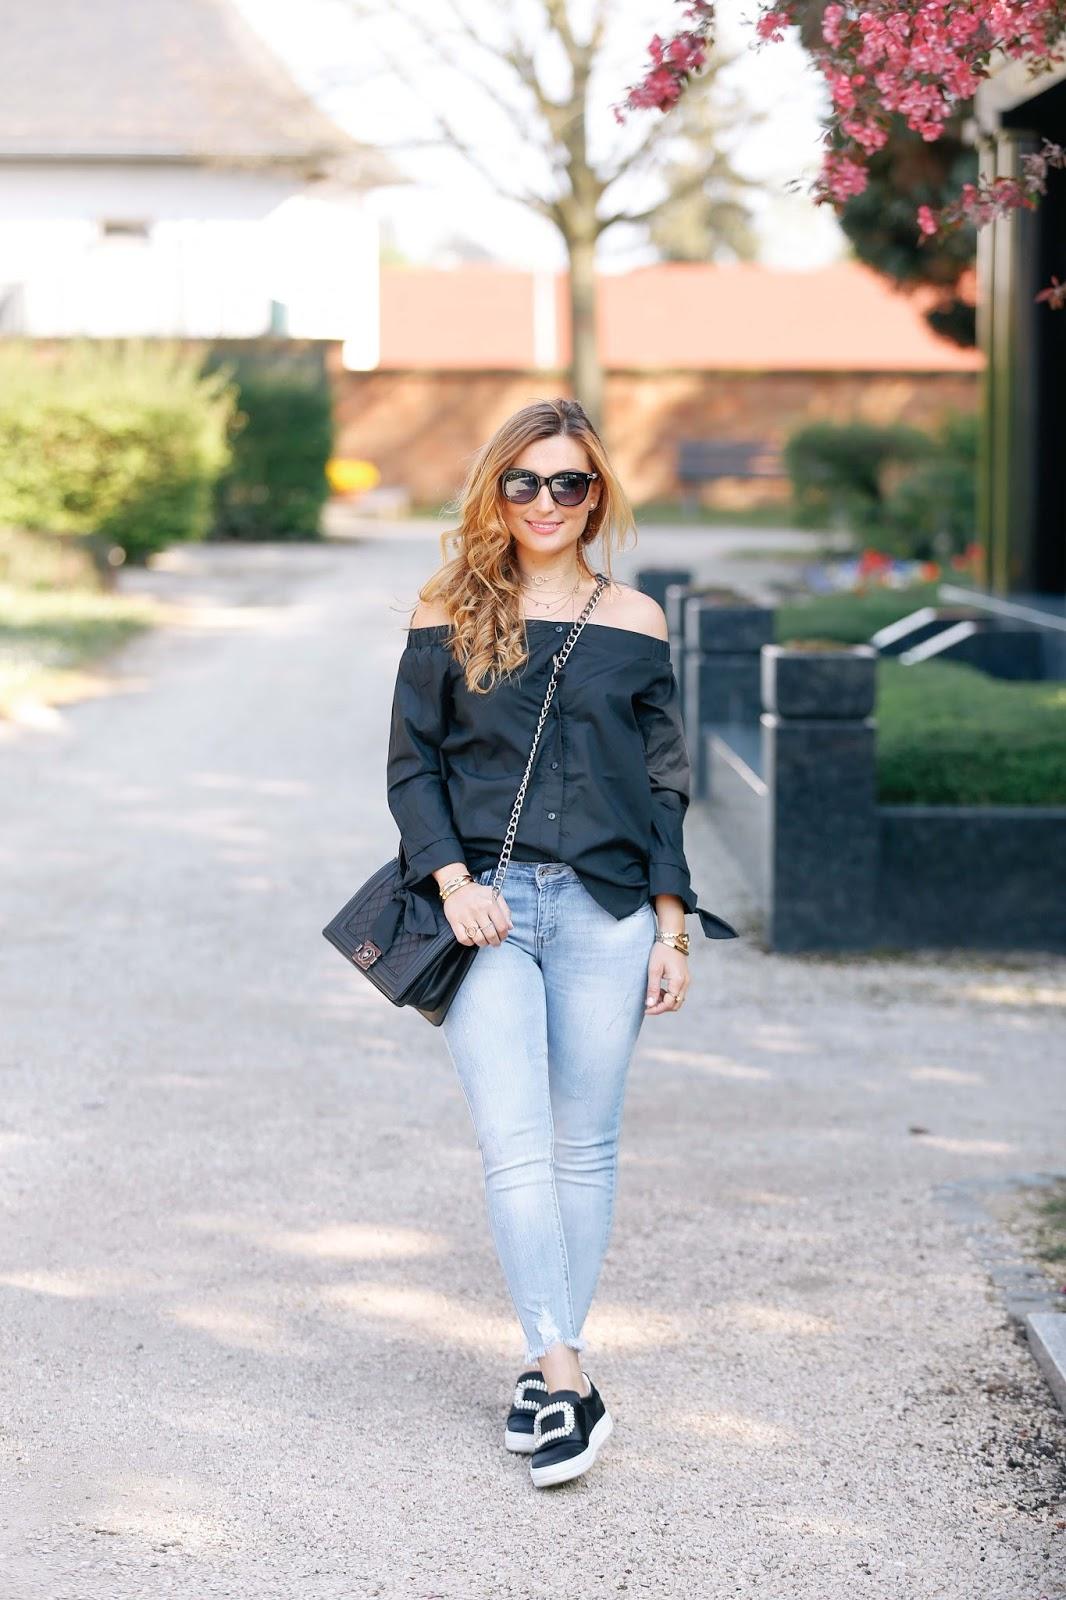 Roger-vivier-schuhe-fashionstylebyjohanna-offshoulder-helle-jeans-deutsche-fashionblogger